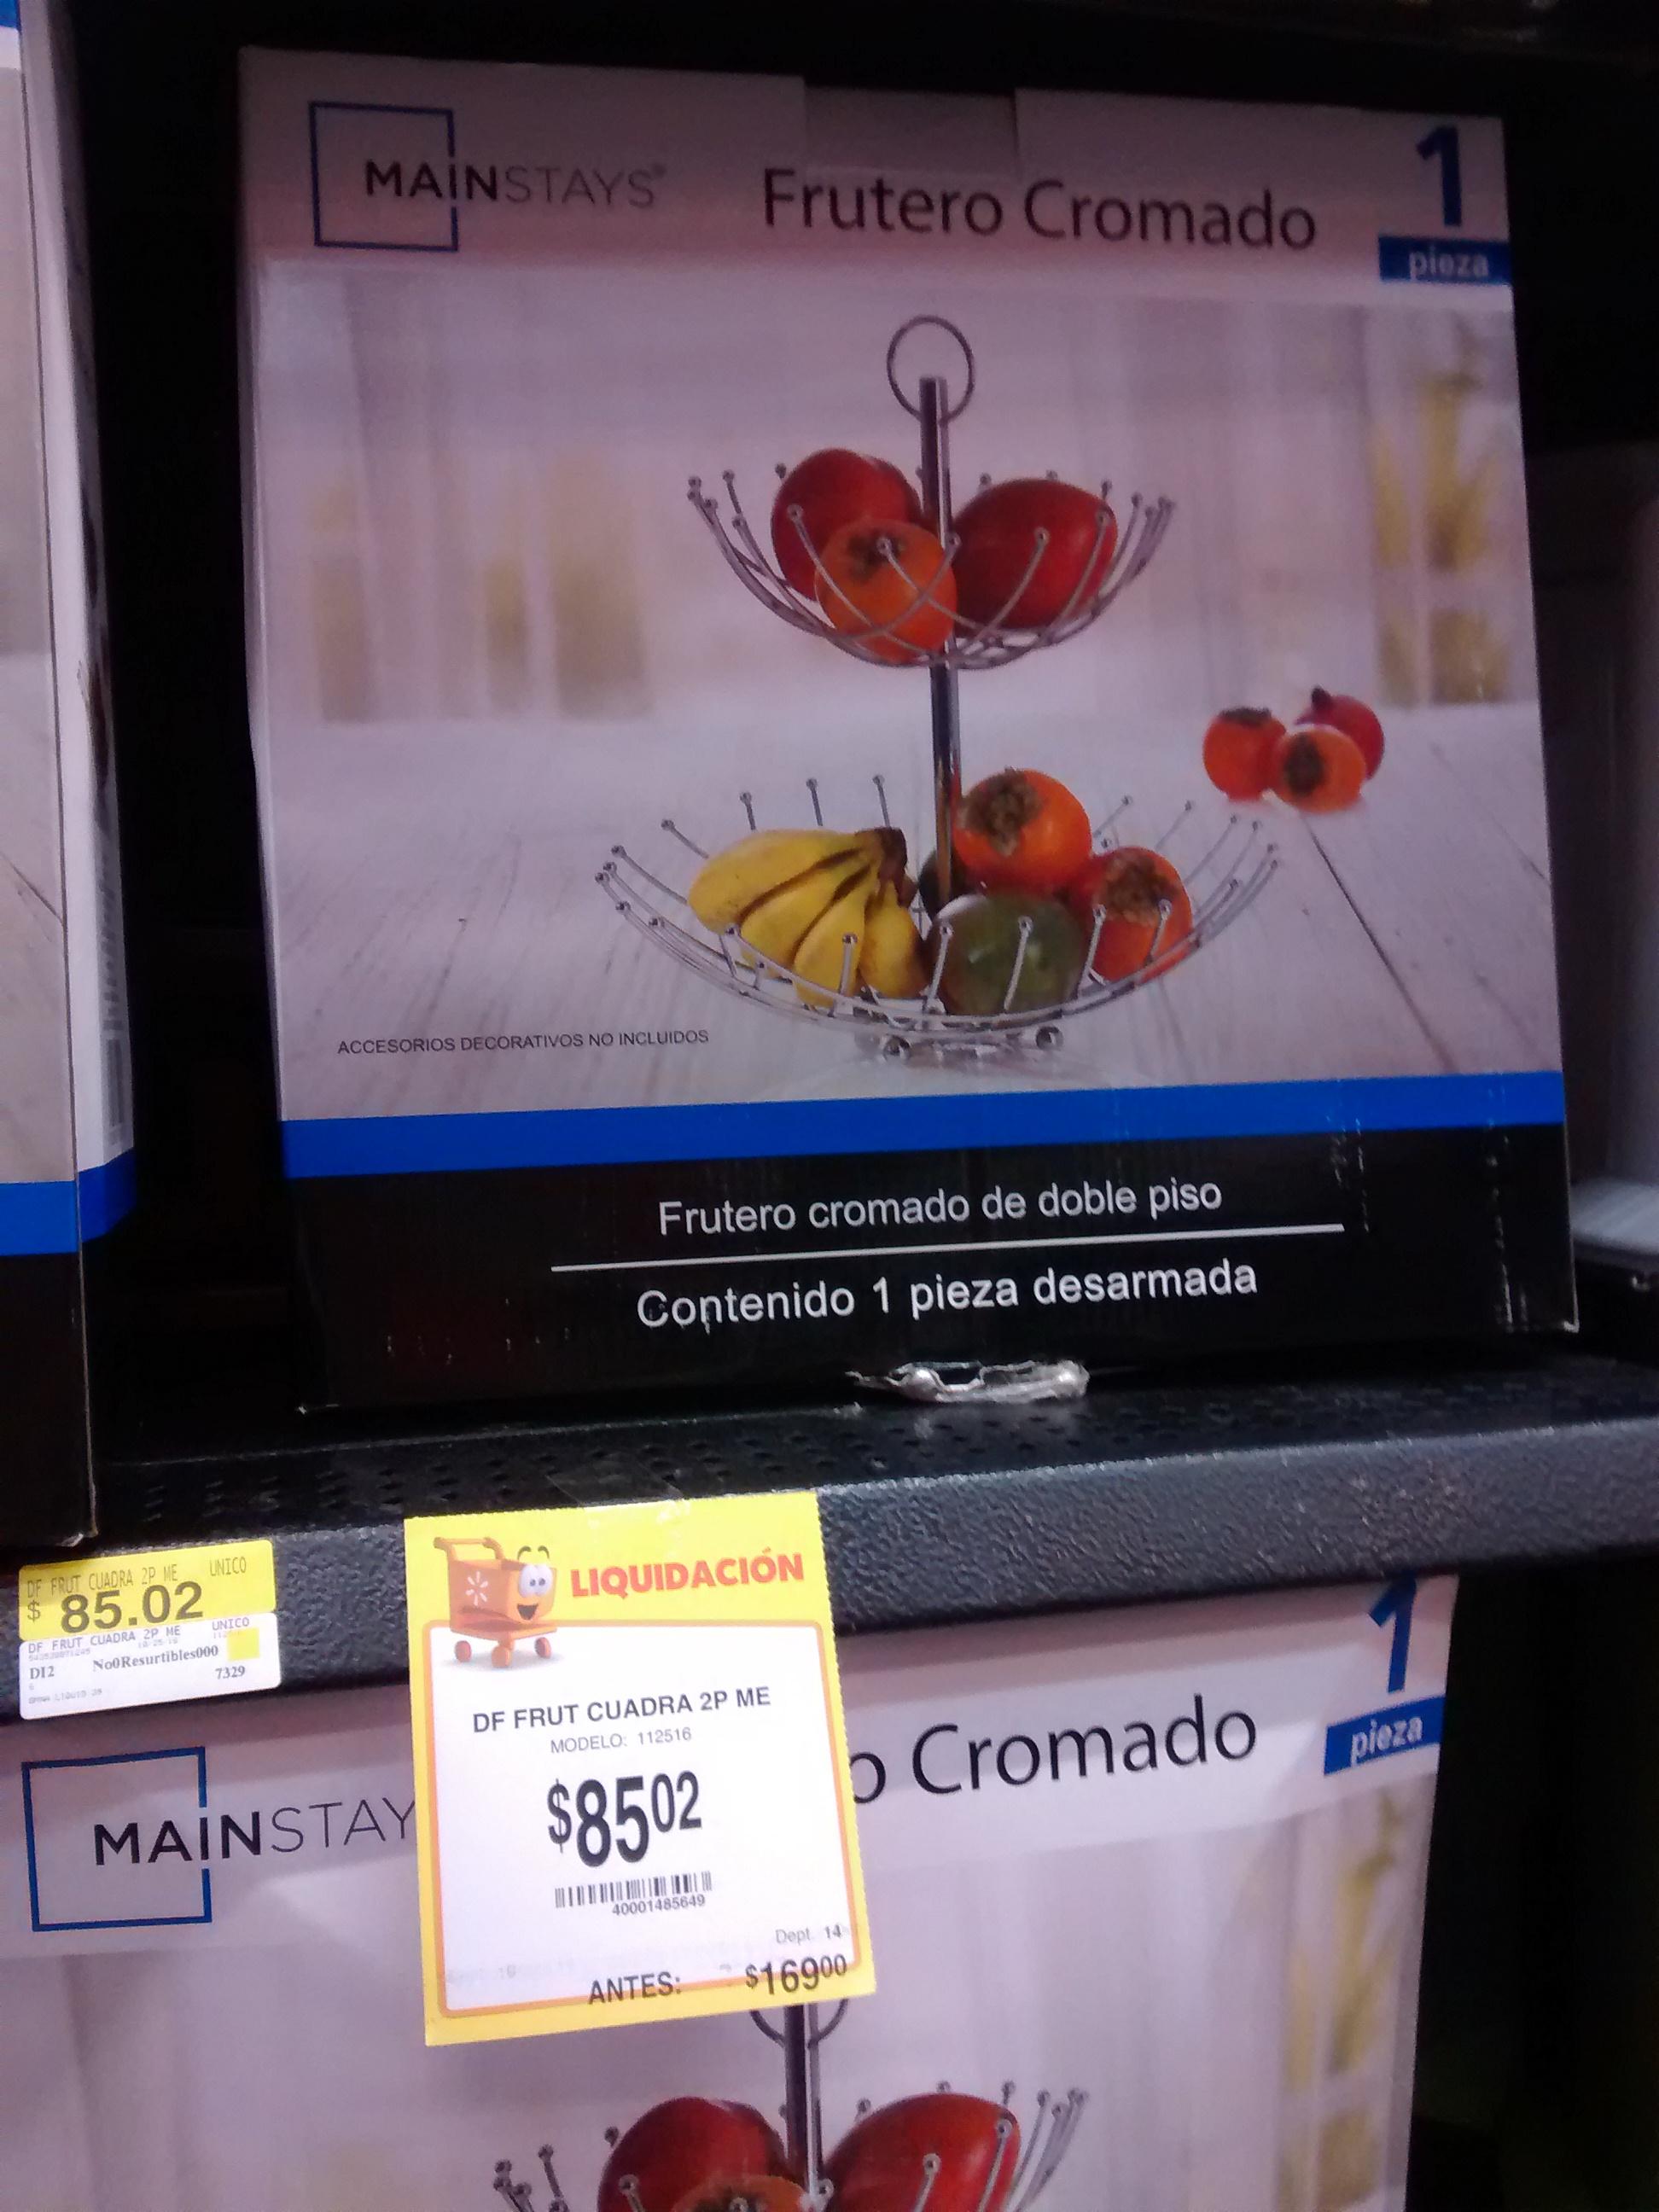 Walmart Mérida : varias liquidaciones, por ejemplo frutero cromado a $85.02 y más